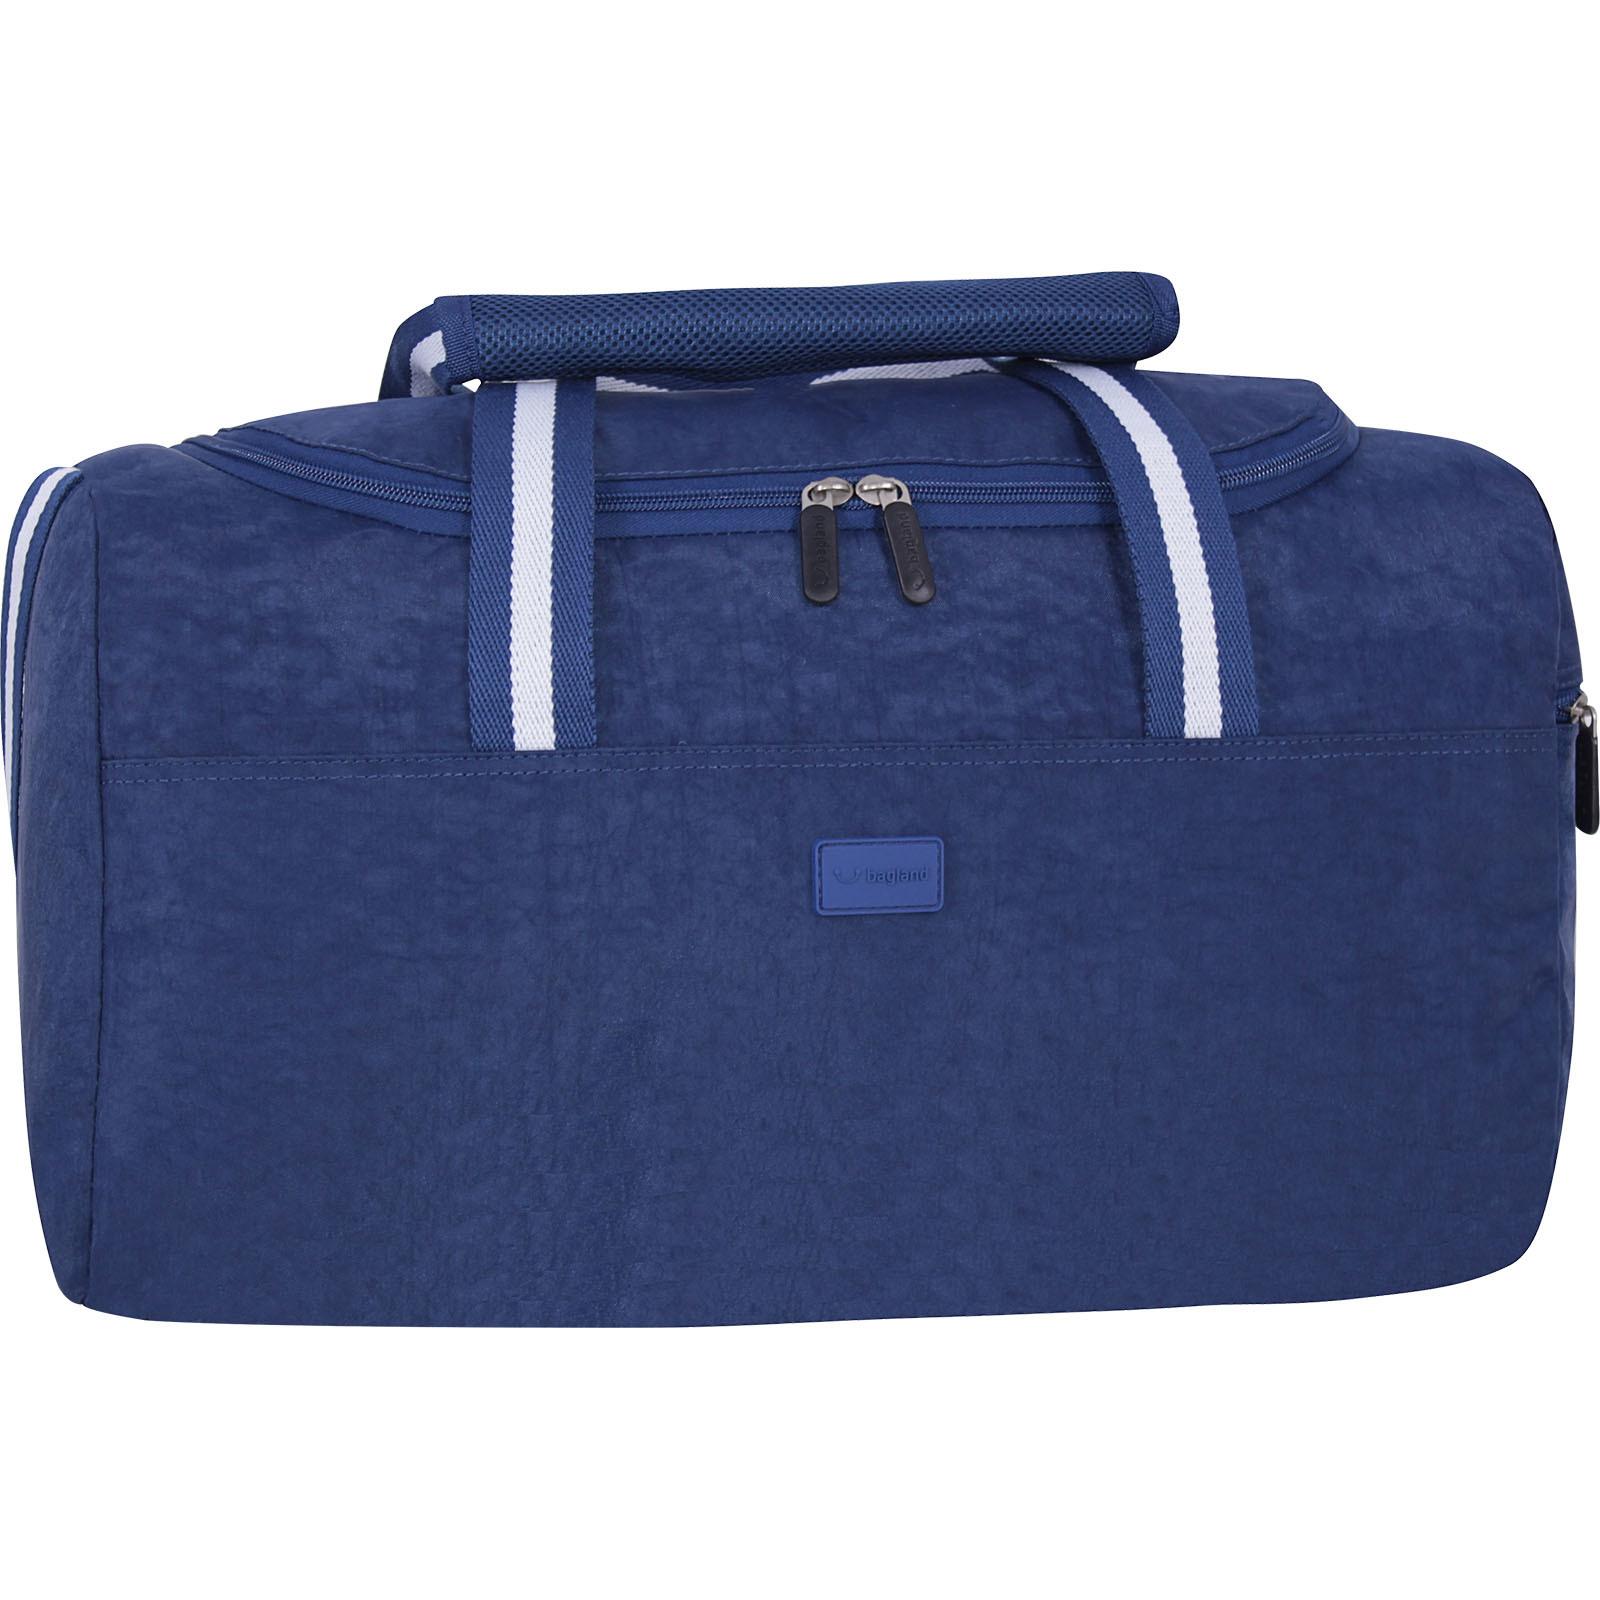 Дорожные сумки Сумка Bagland Boston 25 л. Синий (0037470) IMG_7152_37470_-1600.jpg